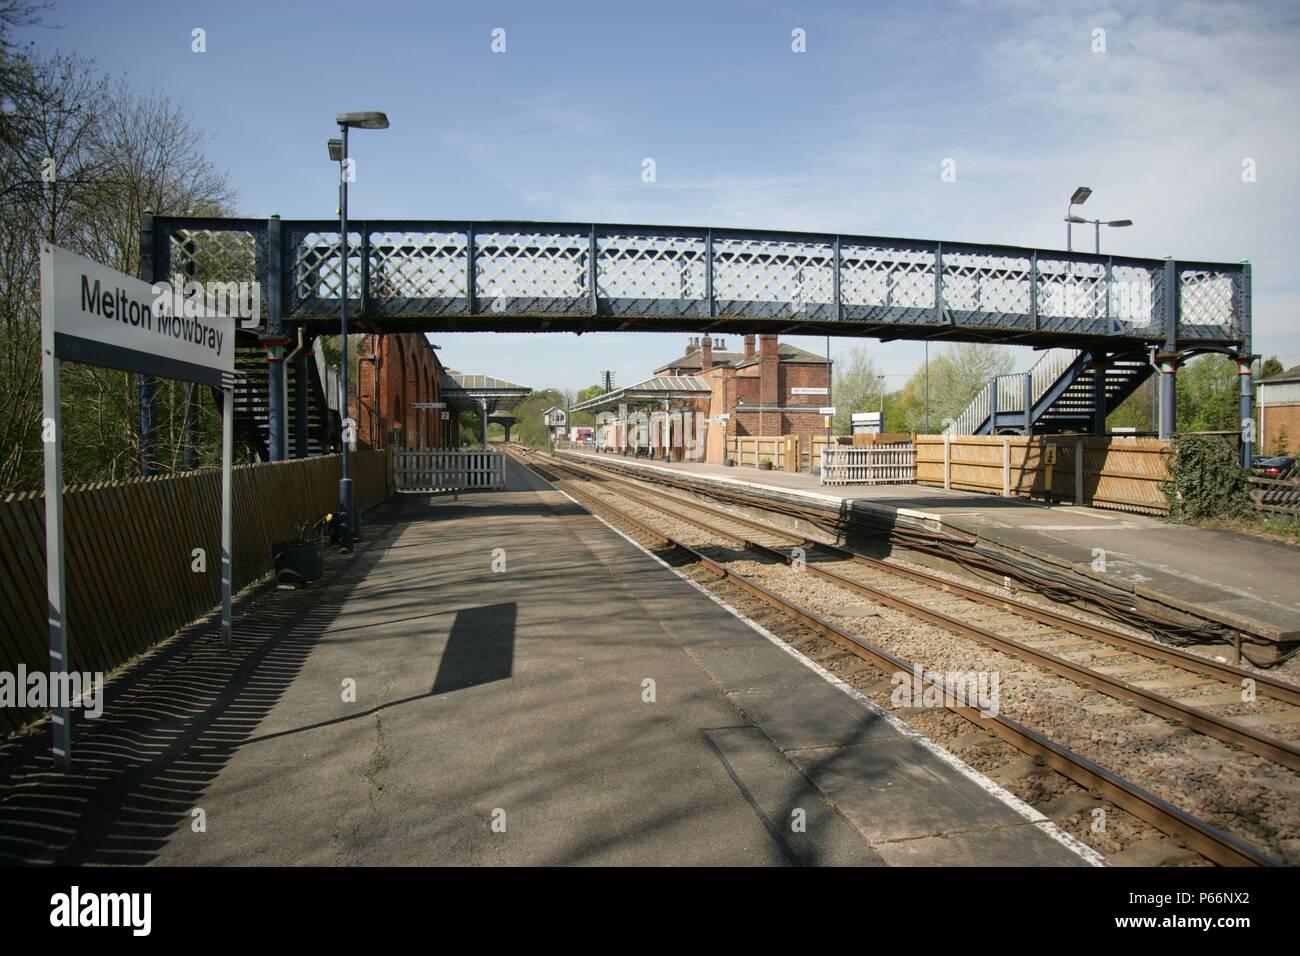 Vue de la plate-forme générale de Melton Mowbray, Leicestershire montrant passerelle et l'affichage de la plate-forme. 2007 Banque D'Images